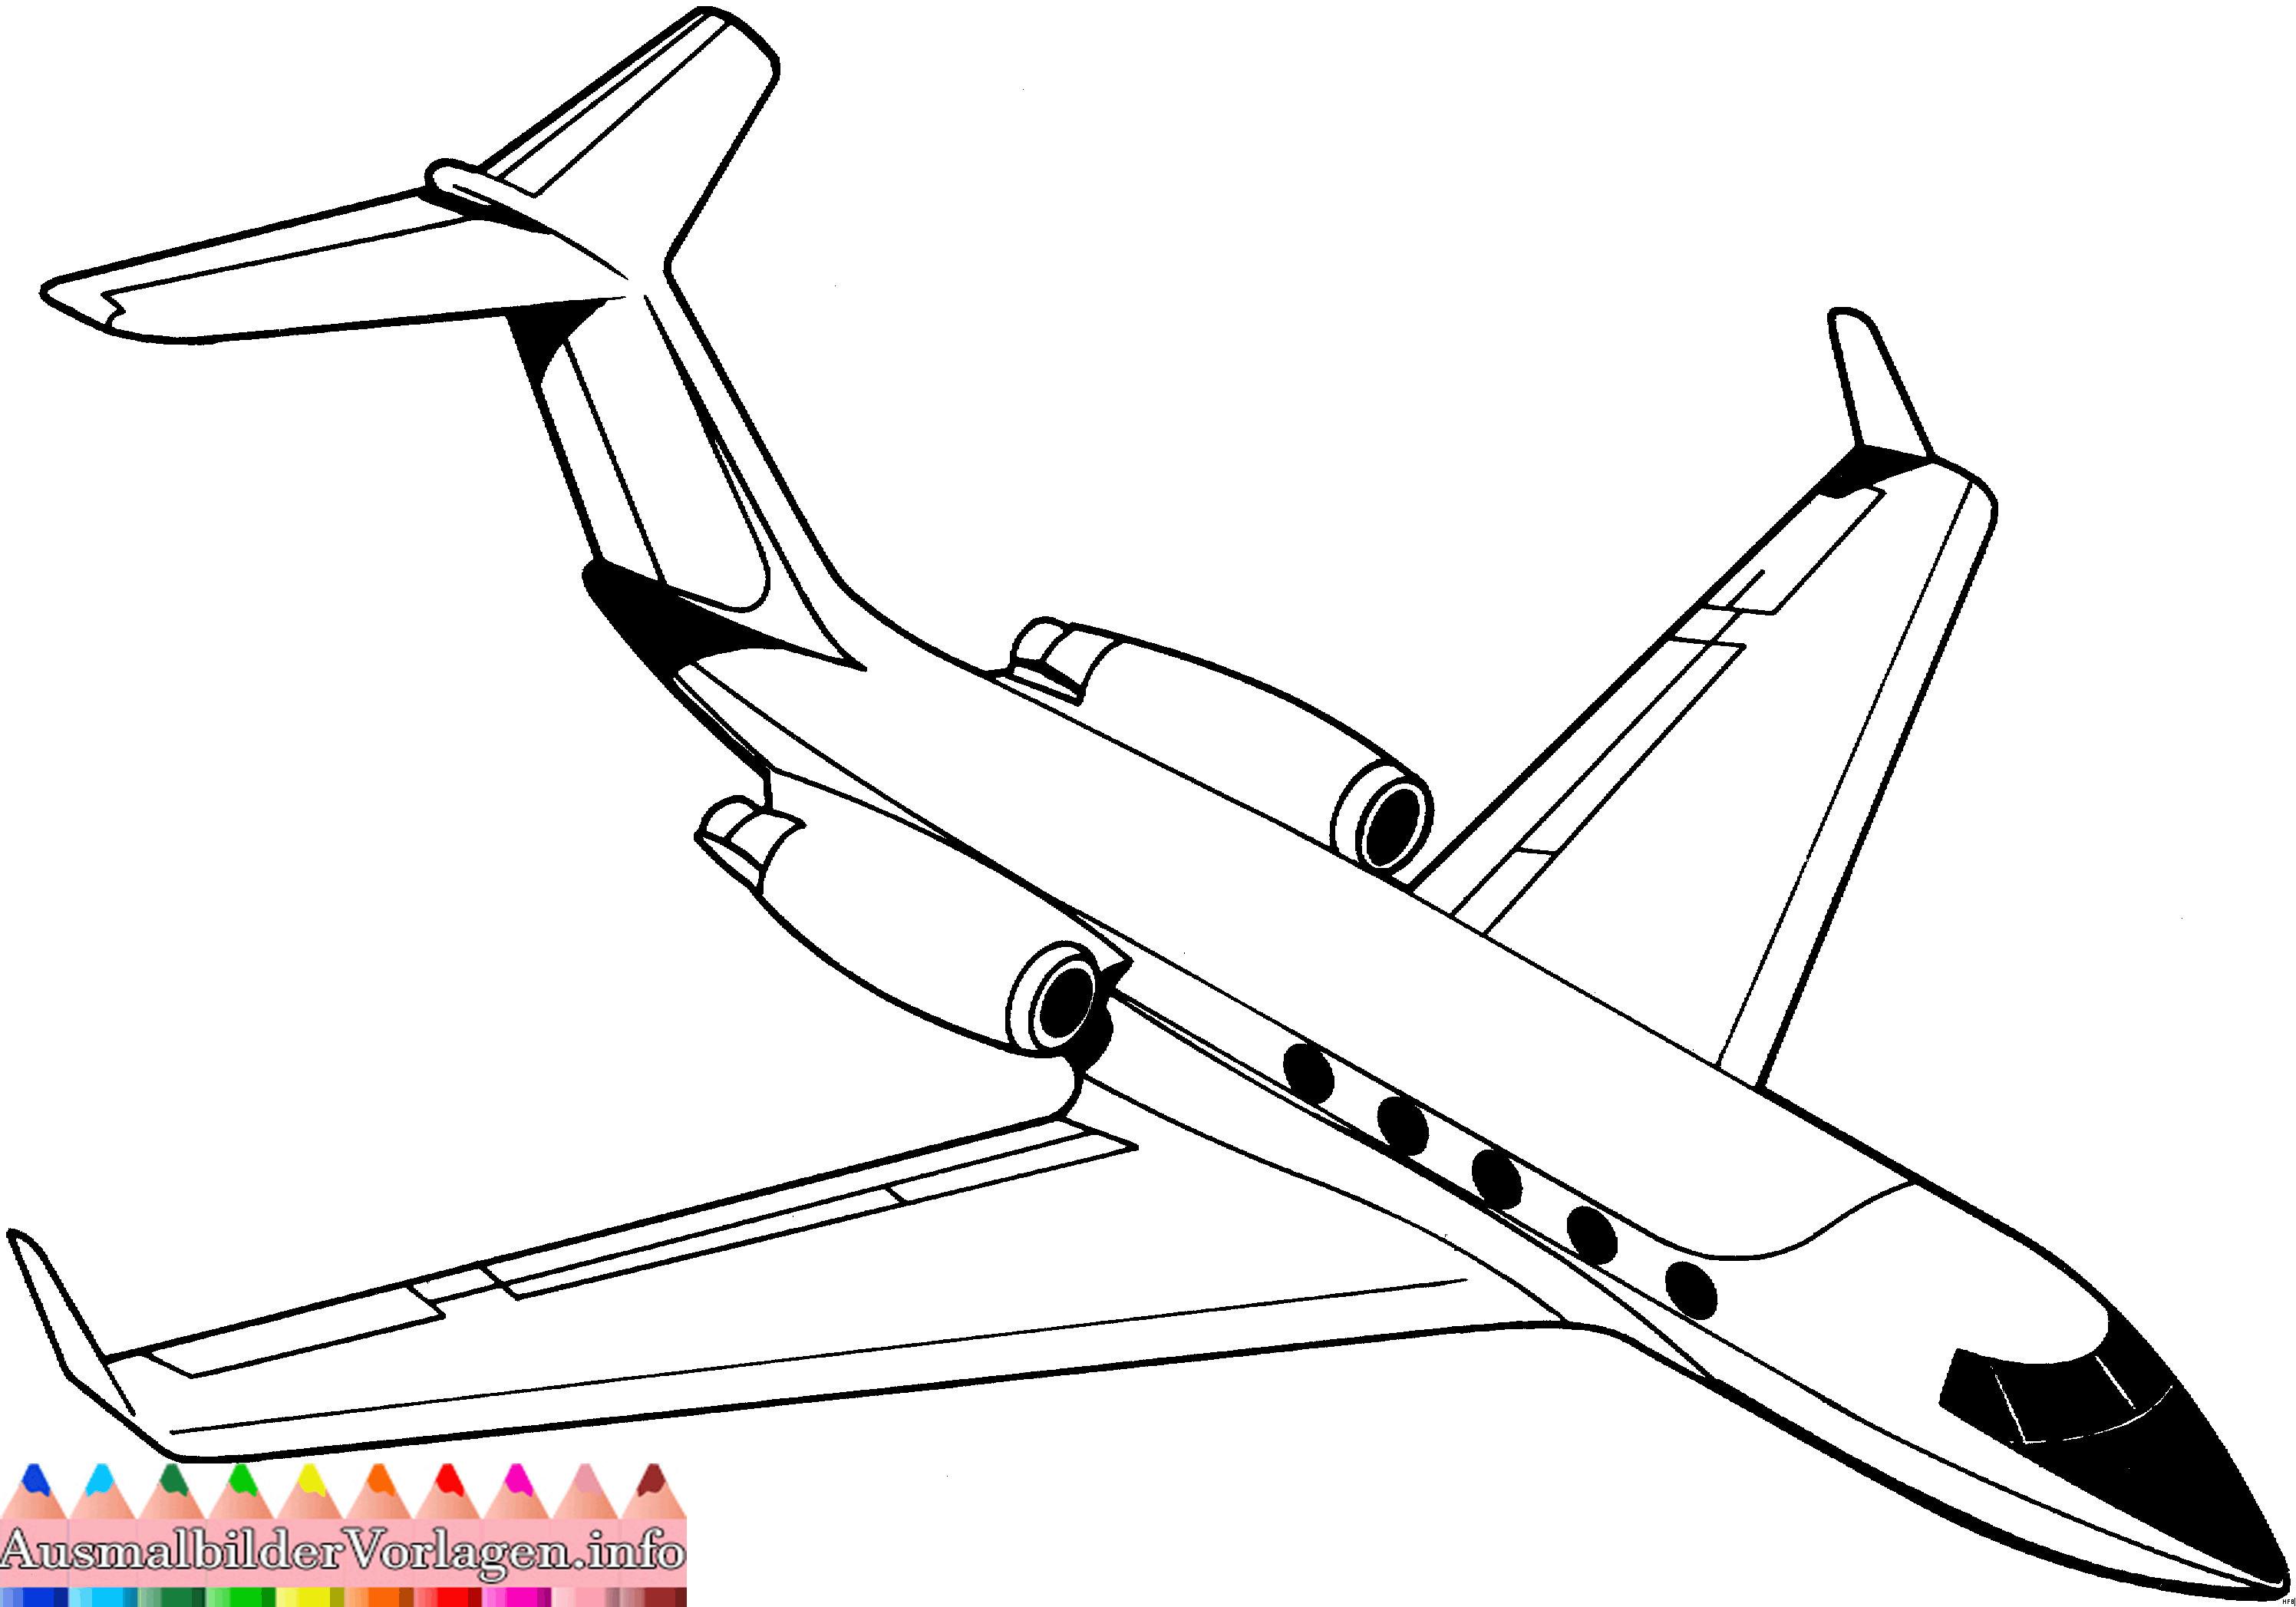 Flugzeug Bilder Zum Ausdrucken Genial 37 Disney Ausmalbilder Zum Ausdrucken Scoredatscore Neu Flugzeug Sammlung